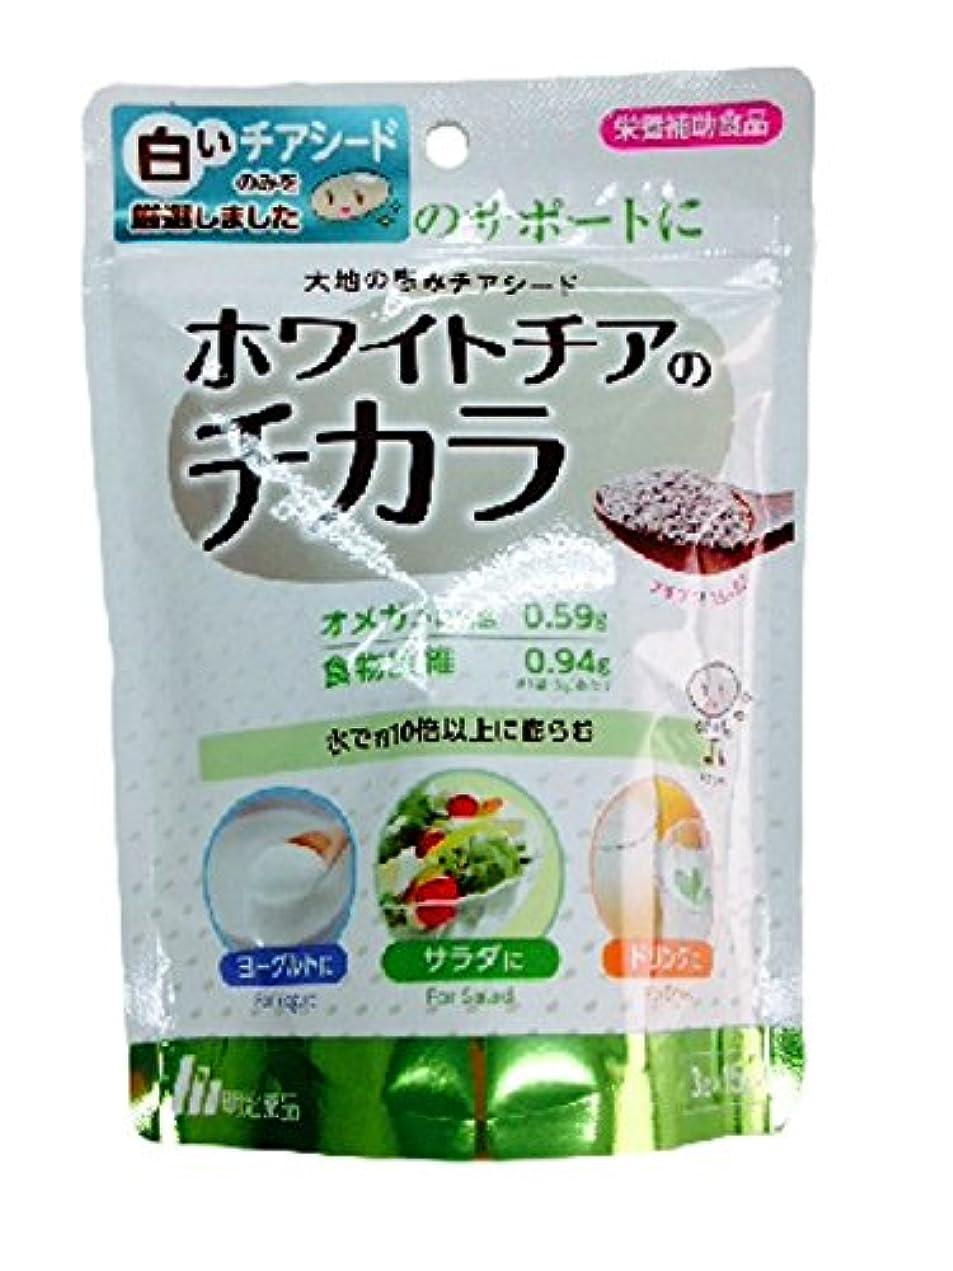 神芽雑種明治薬品 ホワイトチアのチカラ 3gx15袋